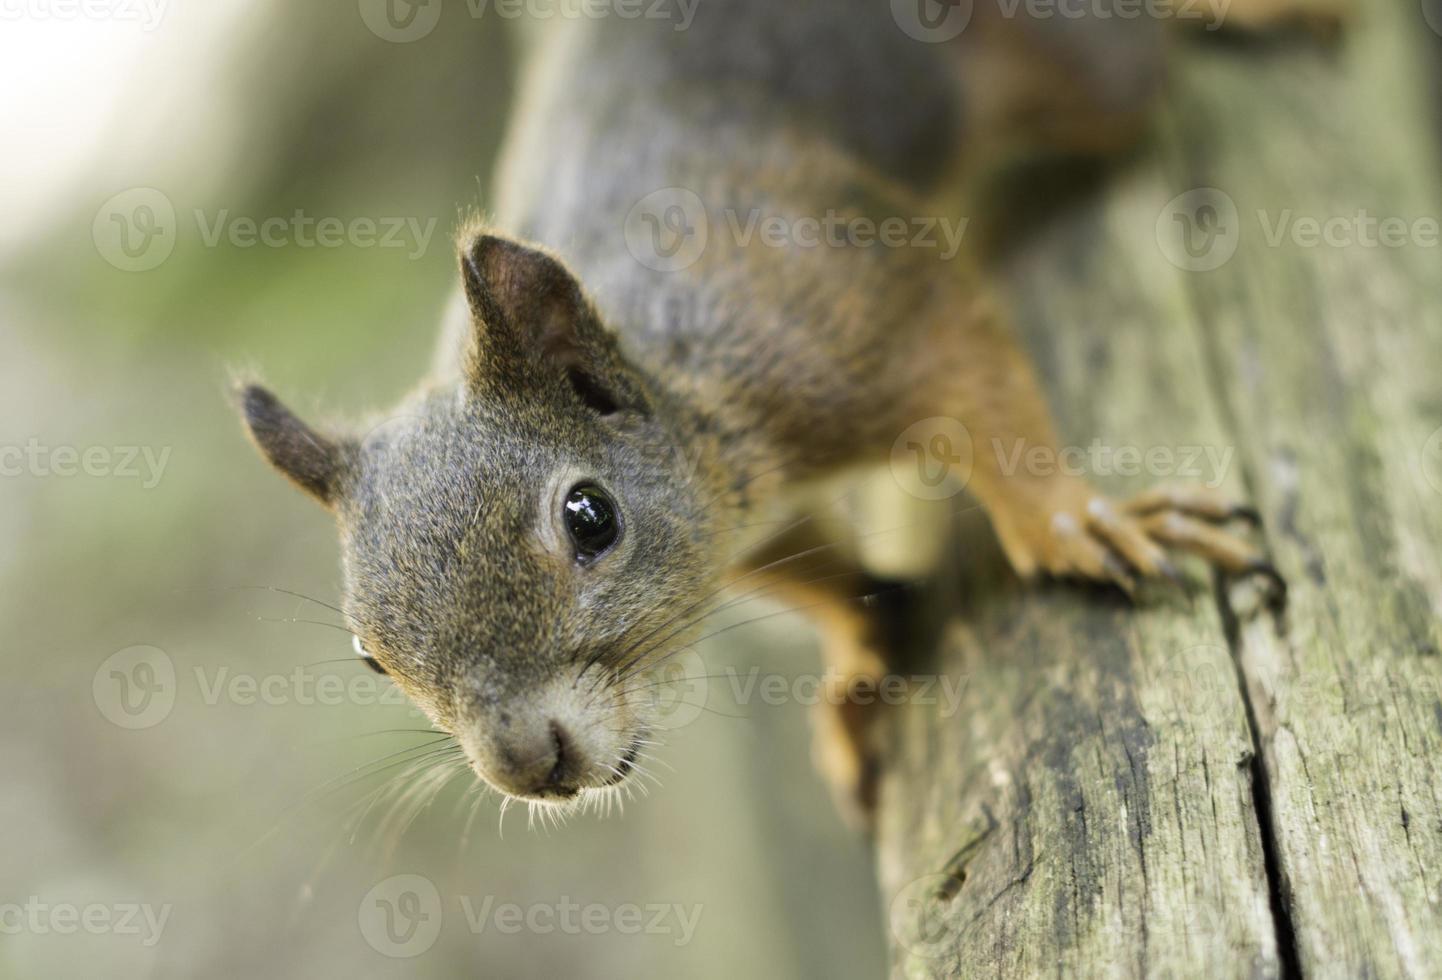 scoiattolo su una rotaia guardando la telecamera foto